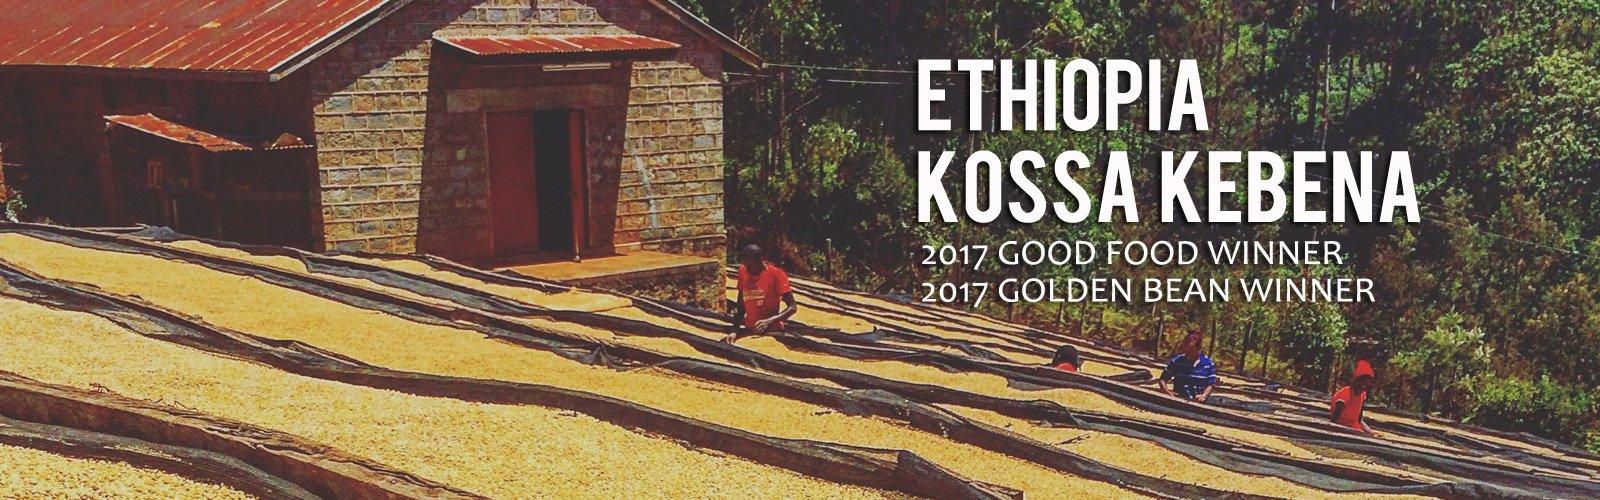 Ethiopia KOSSA KEBENA